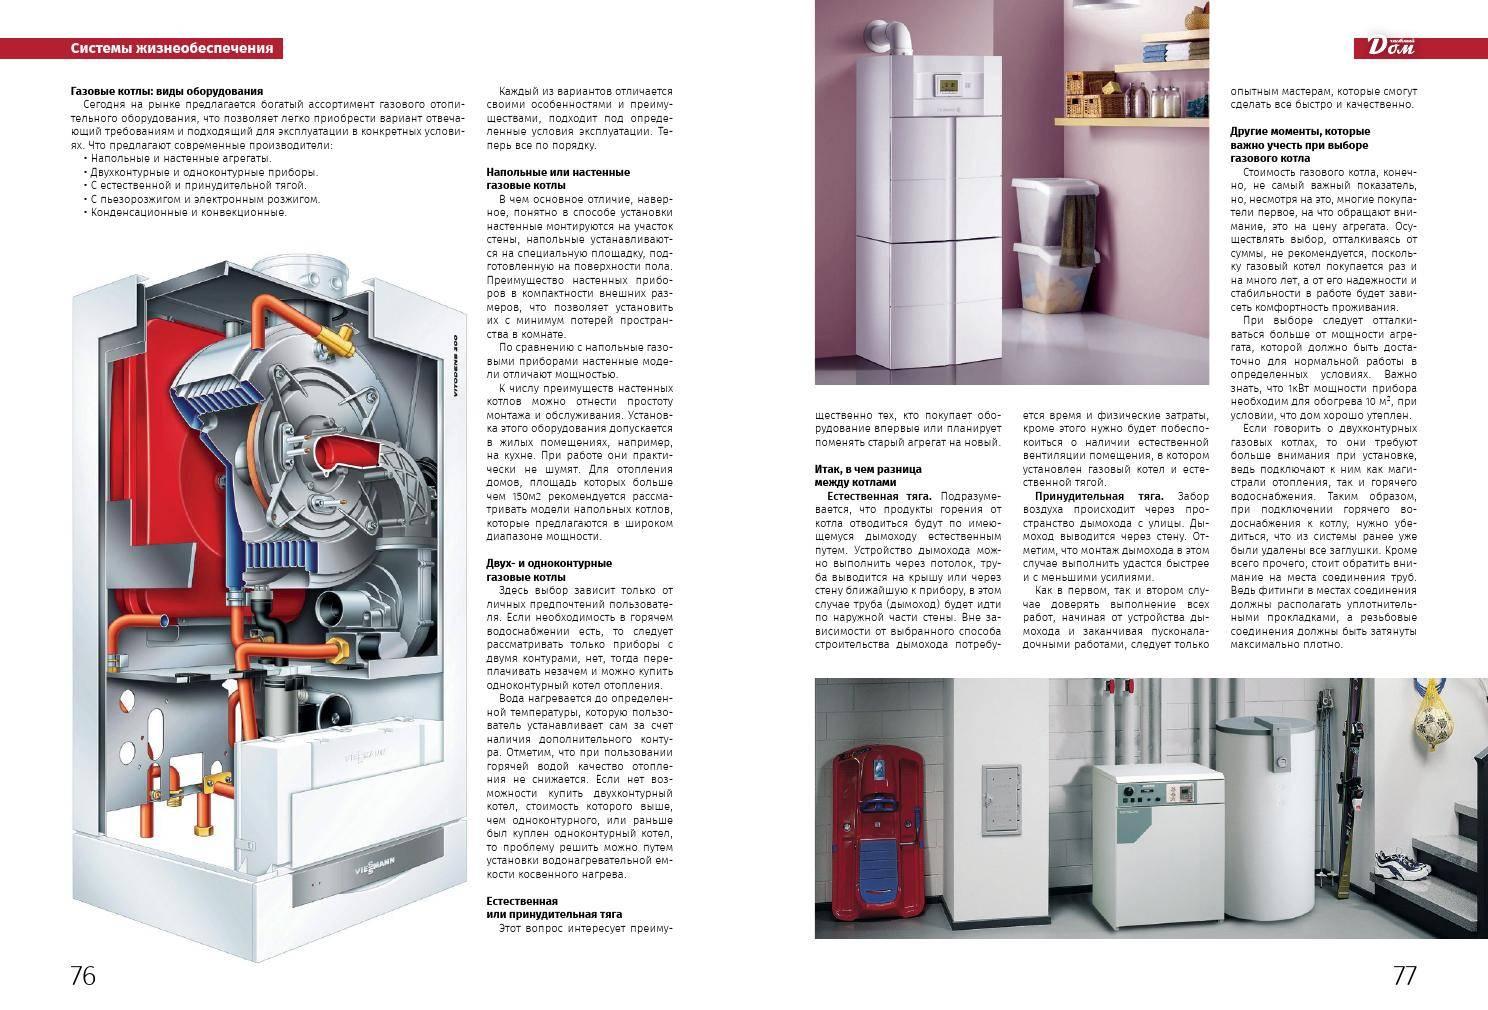 Настенный газовый котел: навесные бытовые двухконтурные приборы для квартиры и частного дома, как выбрать